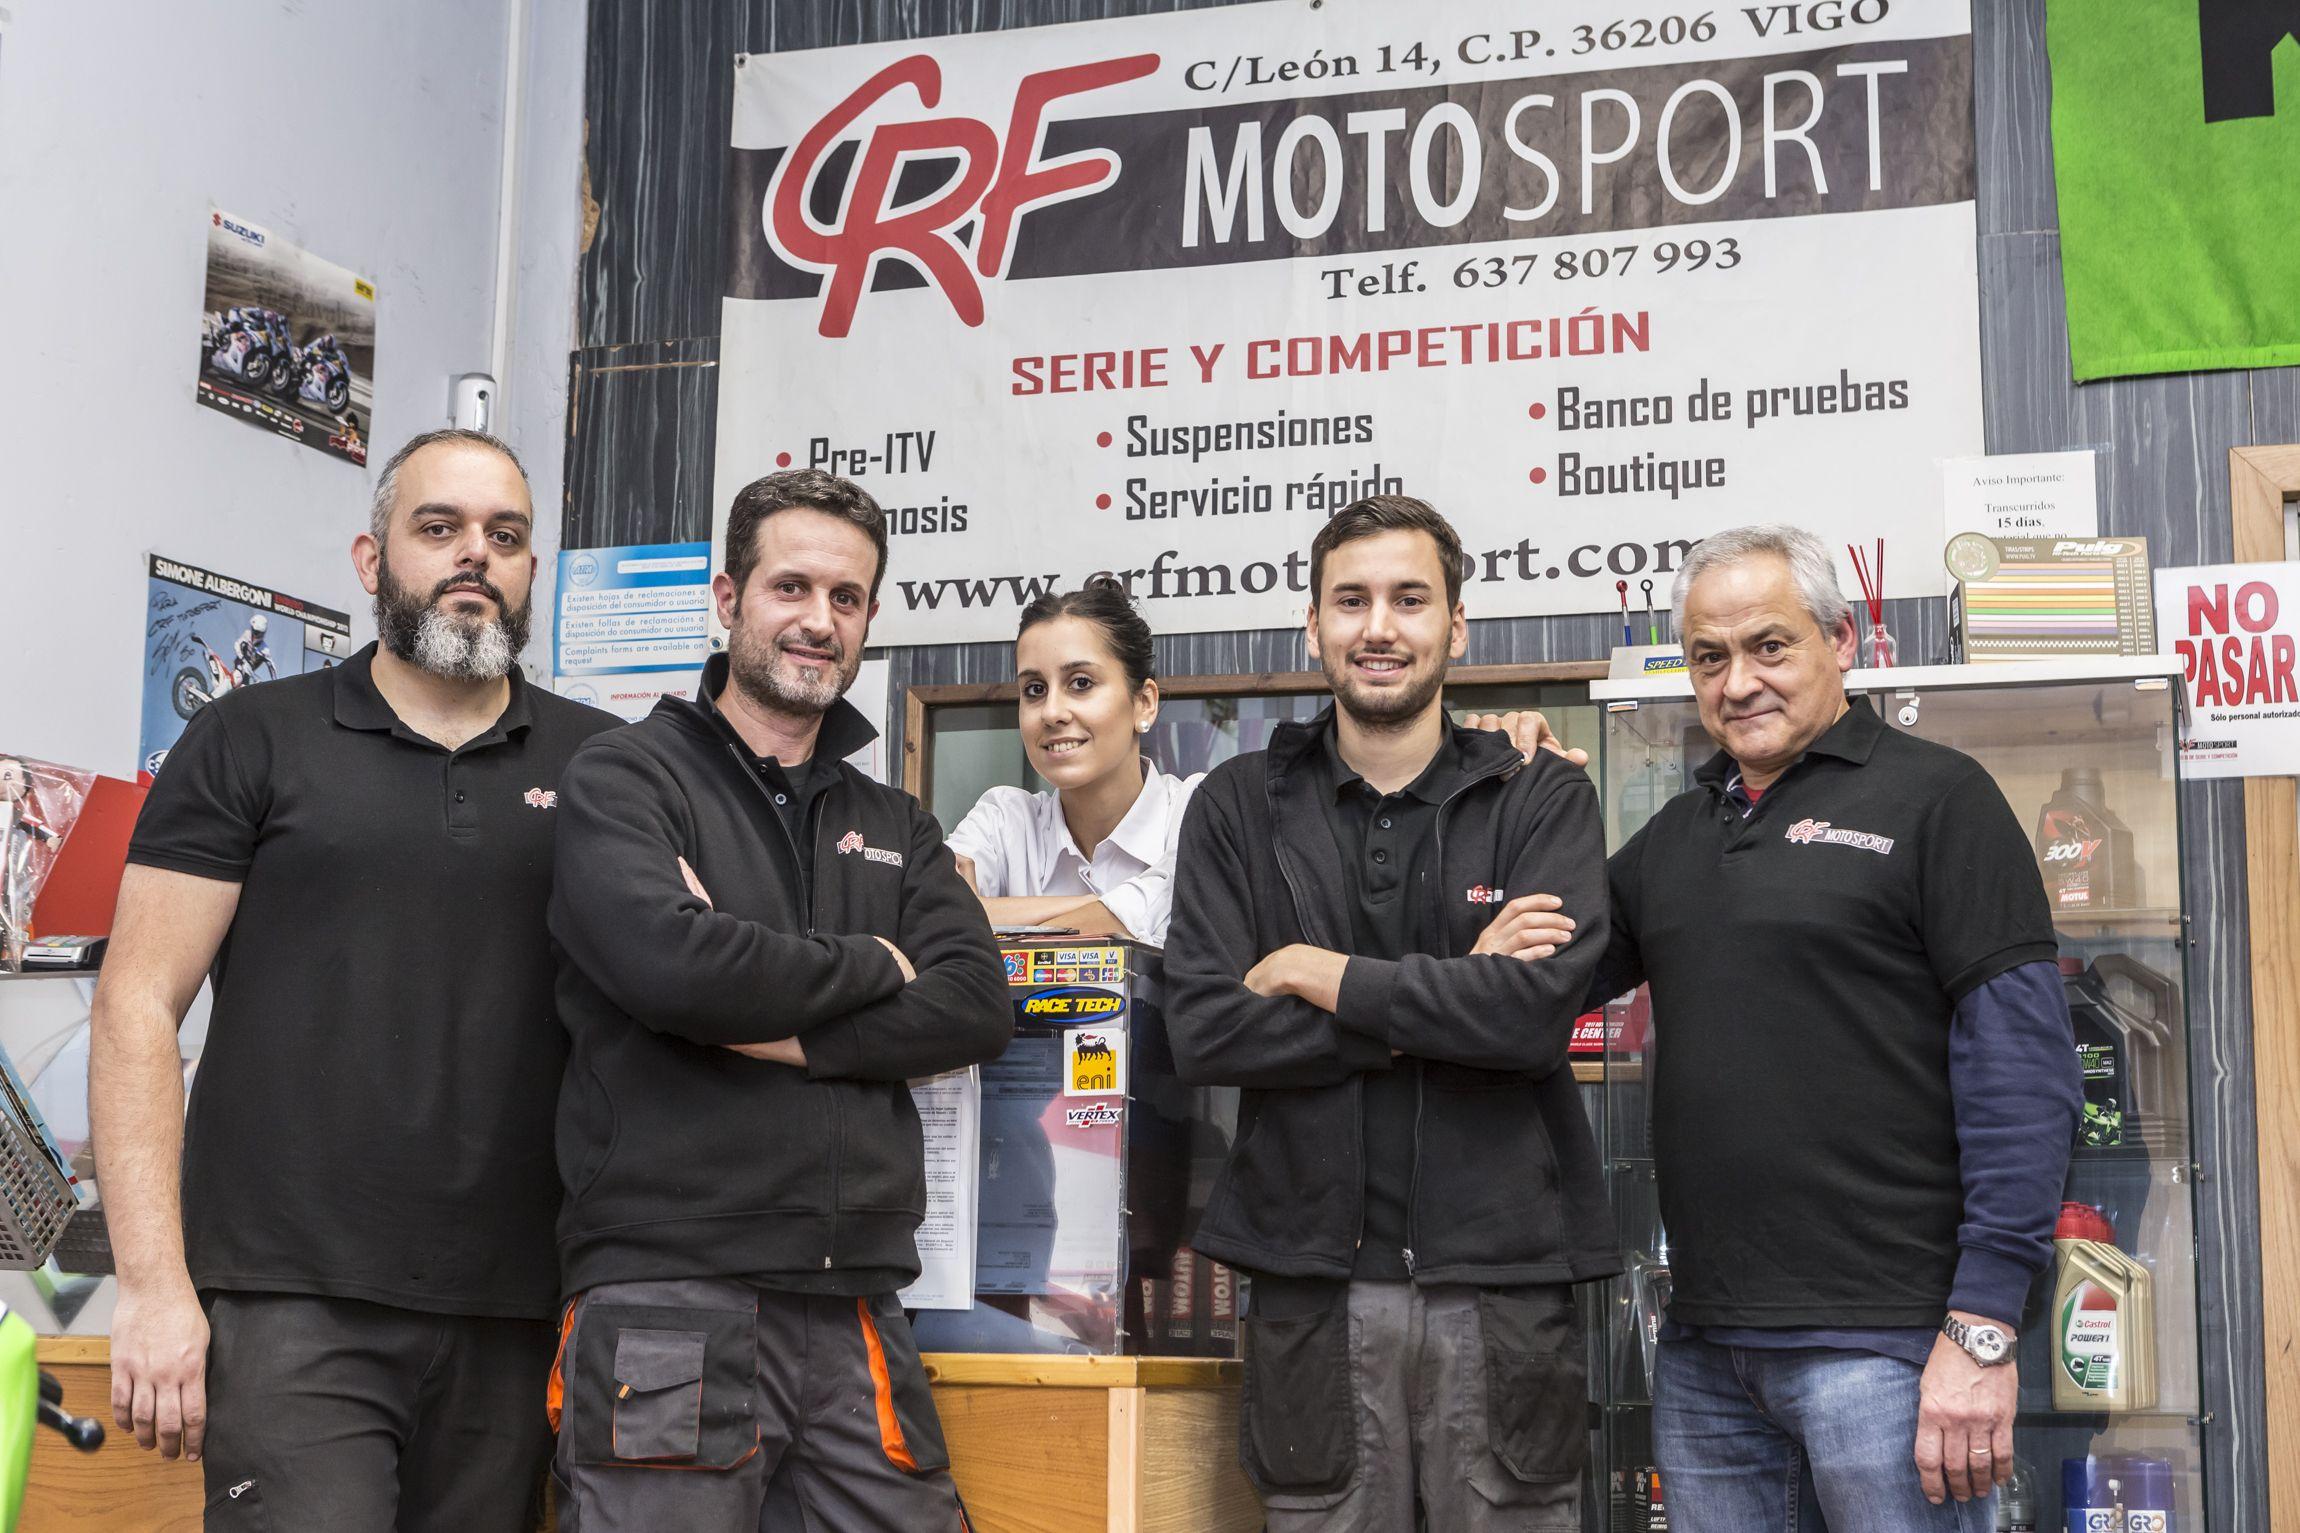 El mejor equipo para tu moto